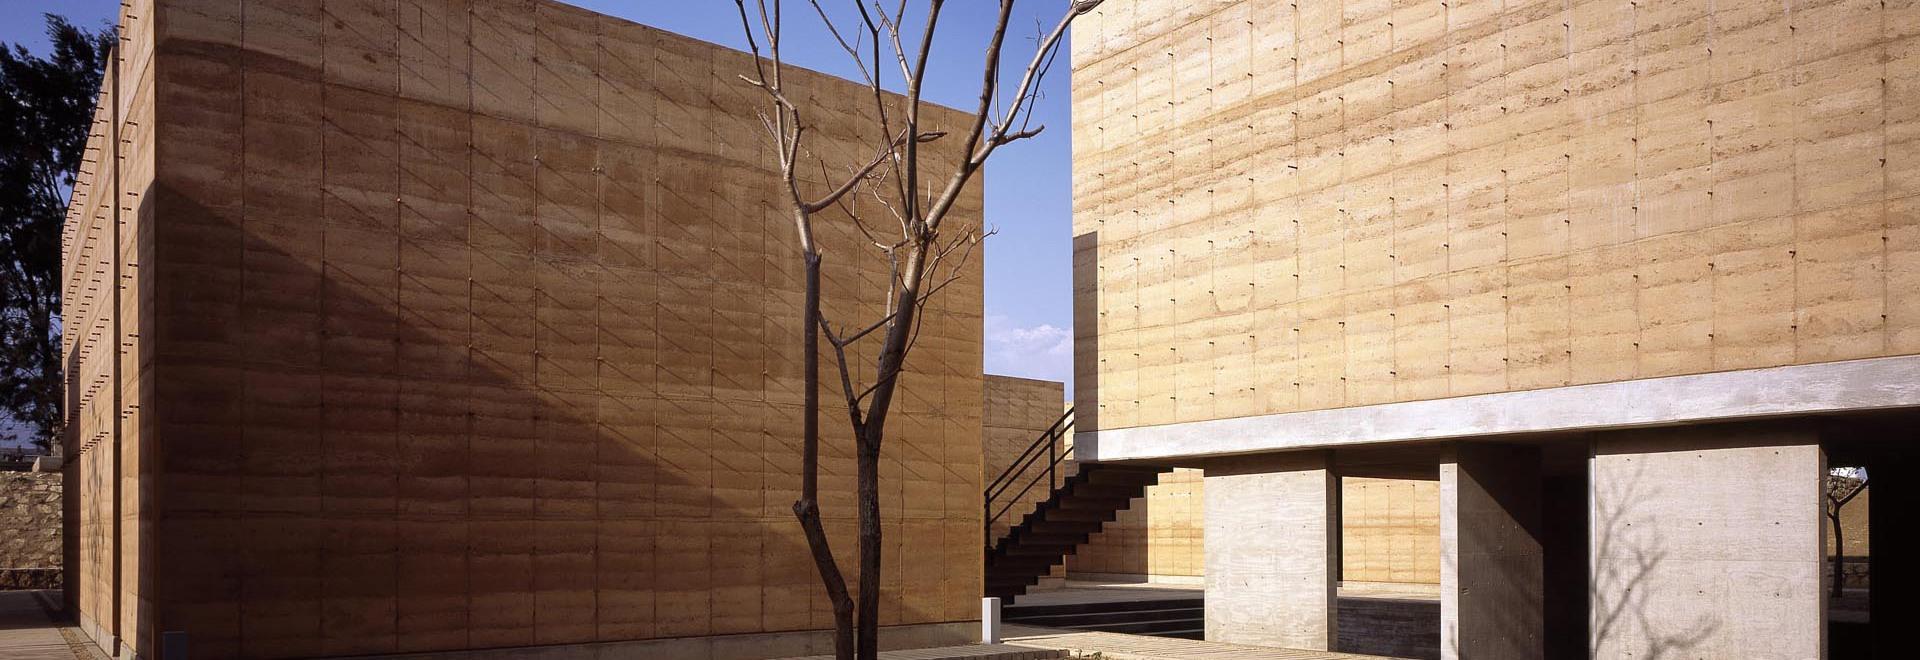 Mauricio Rocha? s-wurde neuer Kunstlehrkörperzusatz zum Universitätsgelände in Oaxaca 2008 eröffnet. (Foto © Taller de Arquitectura)